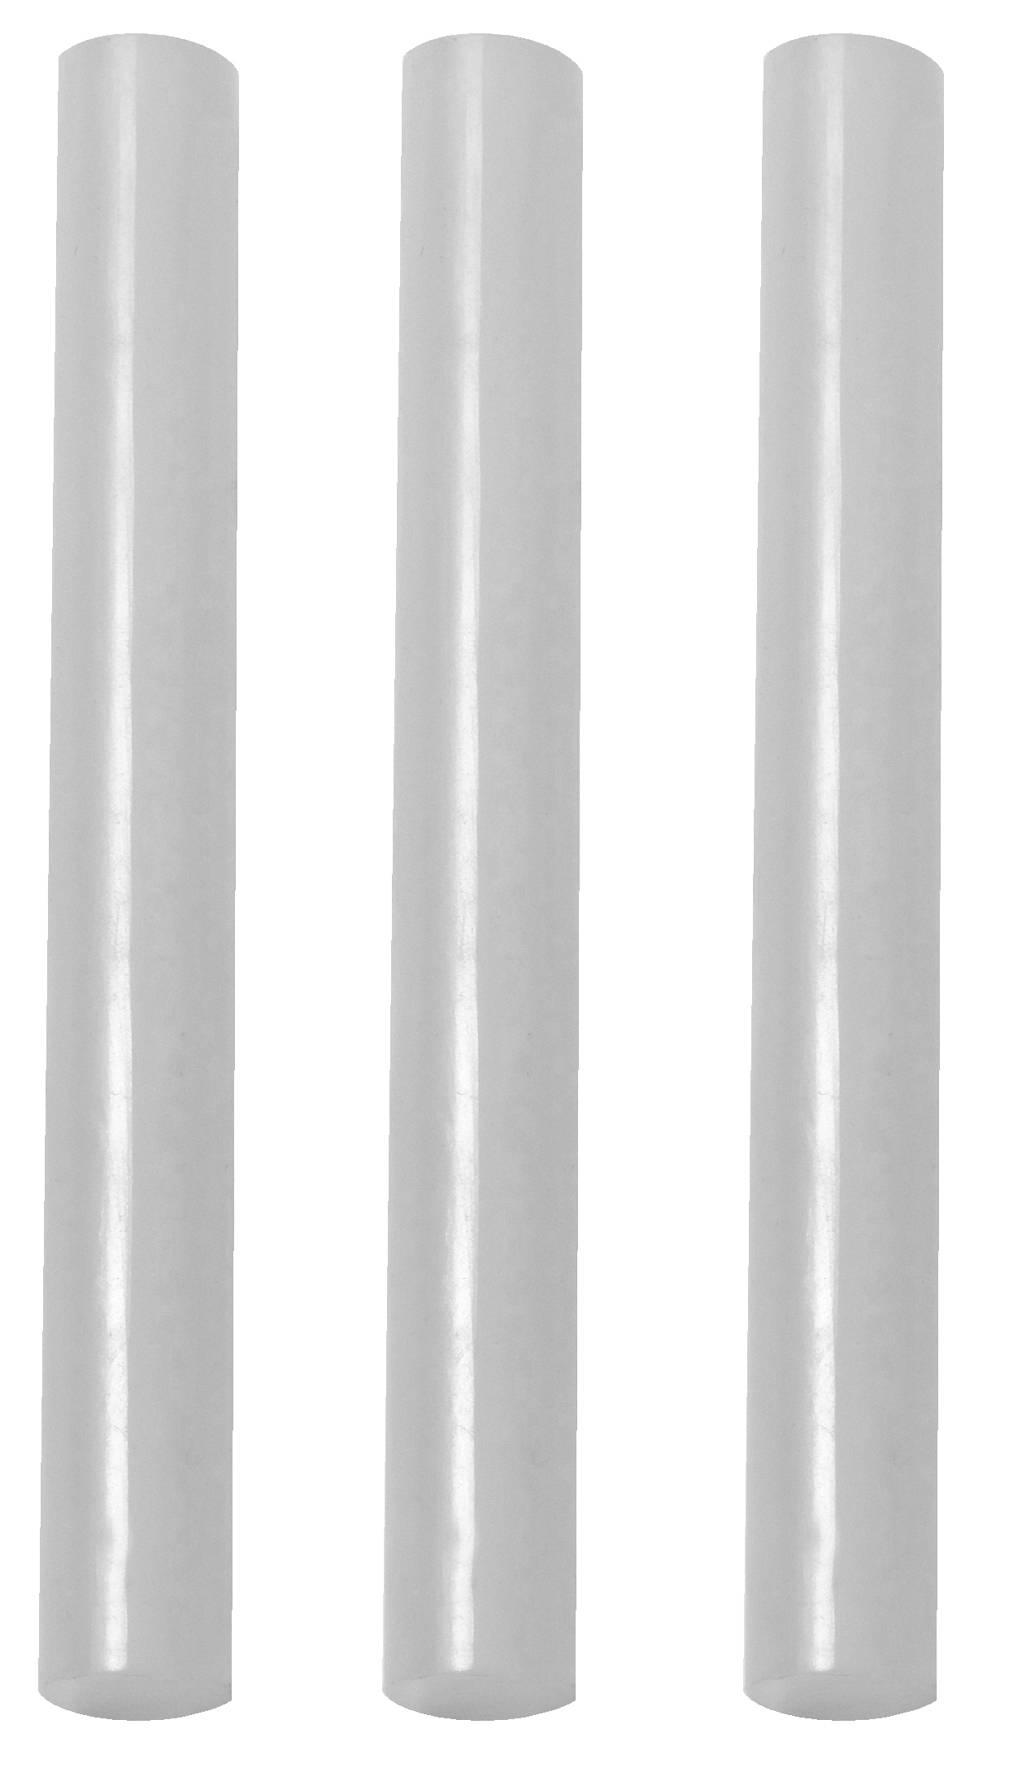 Lepicí tyčinky Einhell Ersatzklebestiftset 24 tlg. 4522199, Ø 11 mm, délka 200 mm, 24 ks